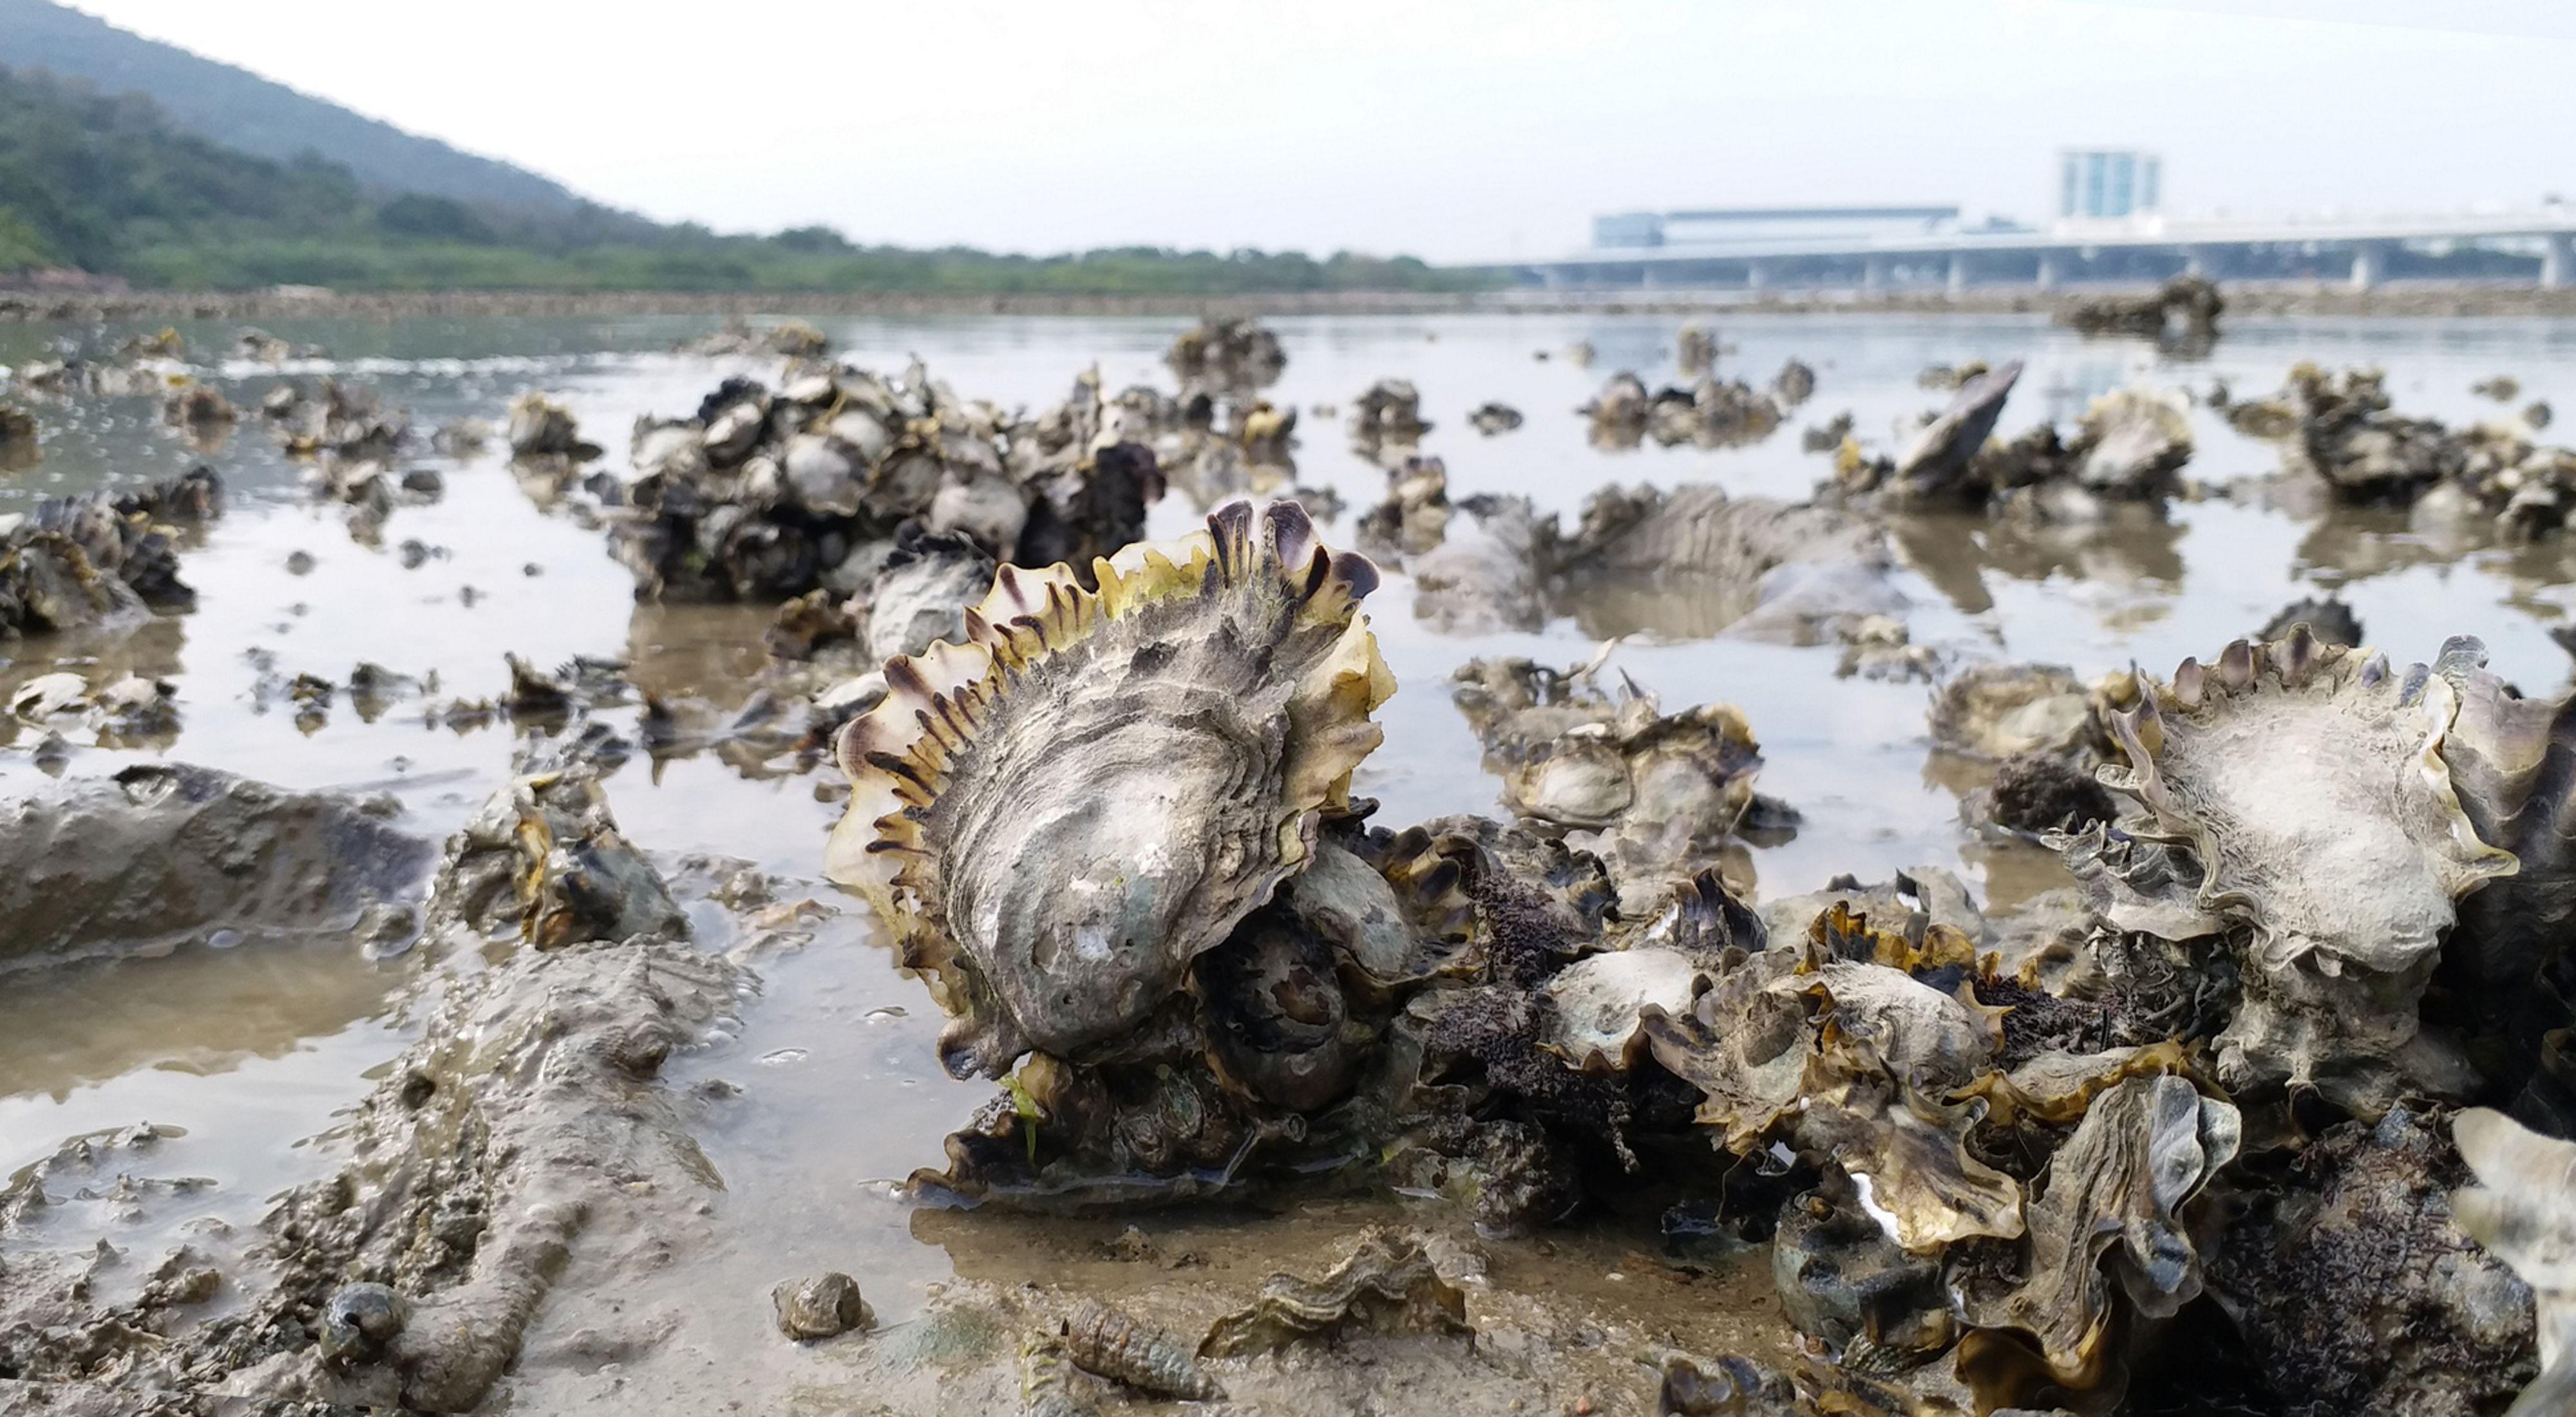 A close up of shellfish reef in Hong Kong.